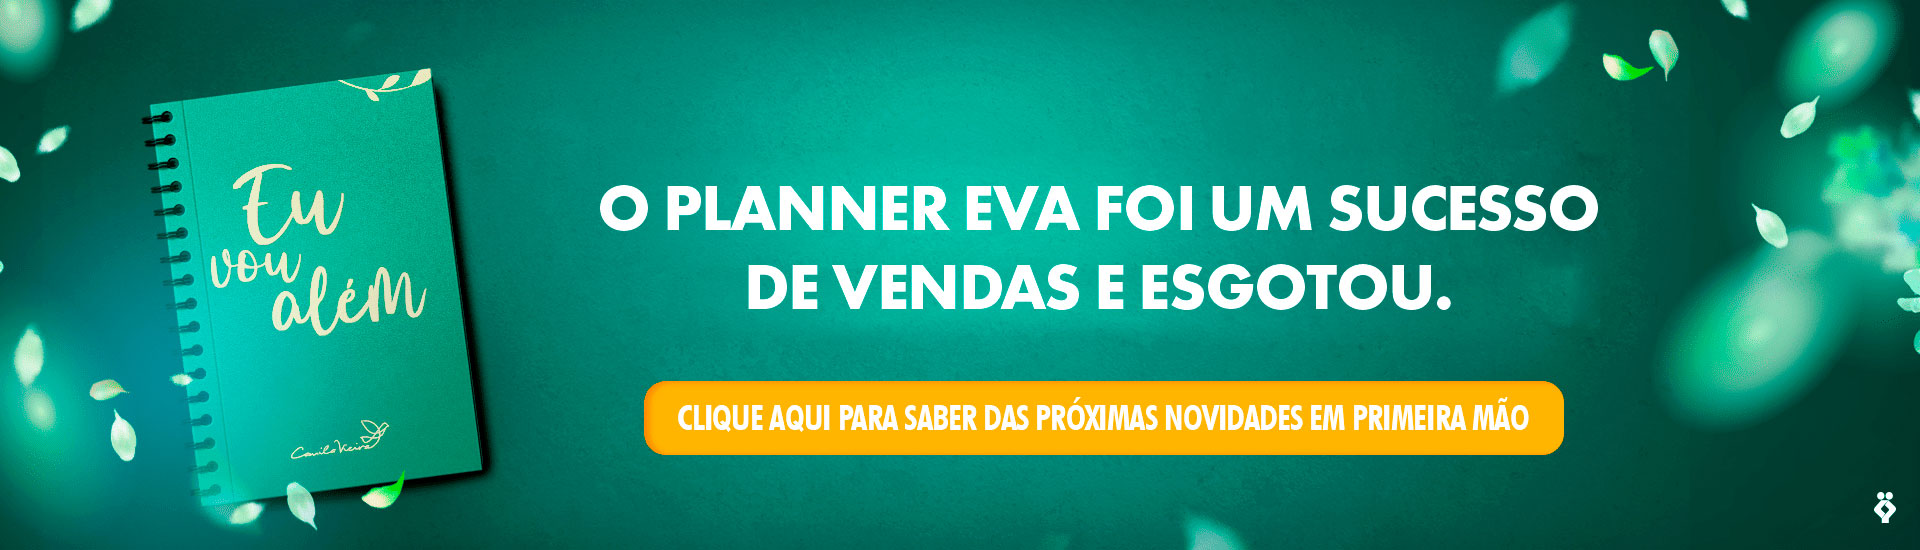 PLANNER EVA SERÁ ATUALIZADO